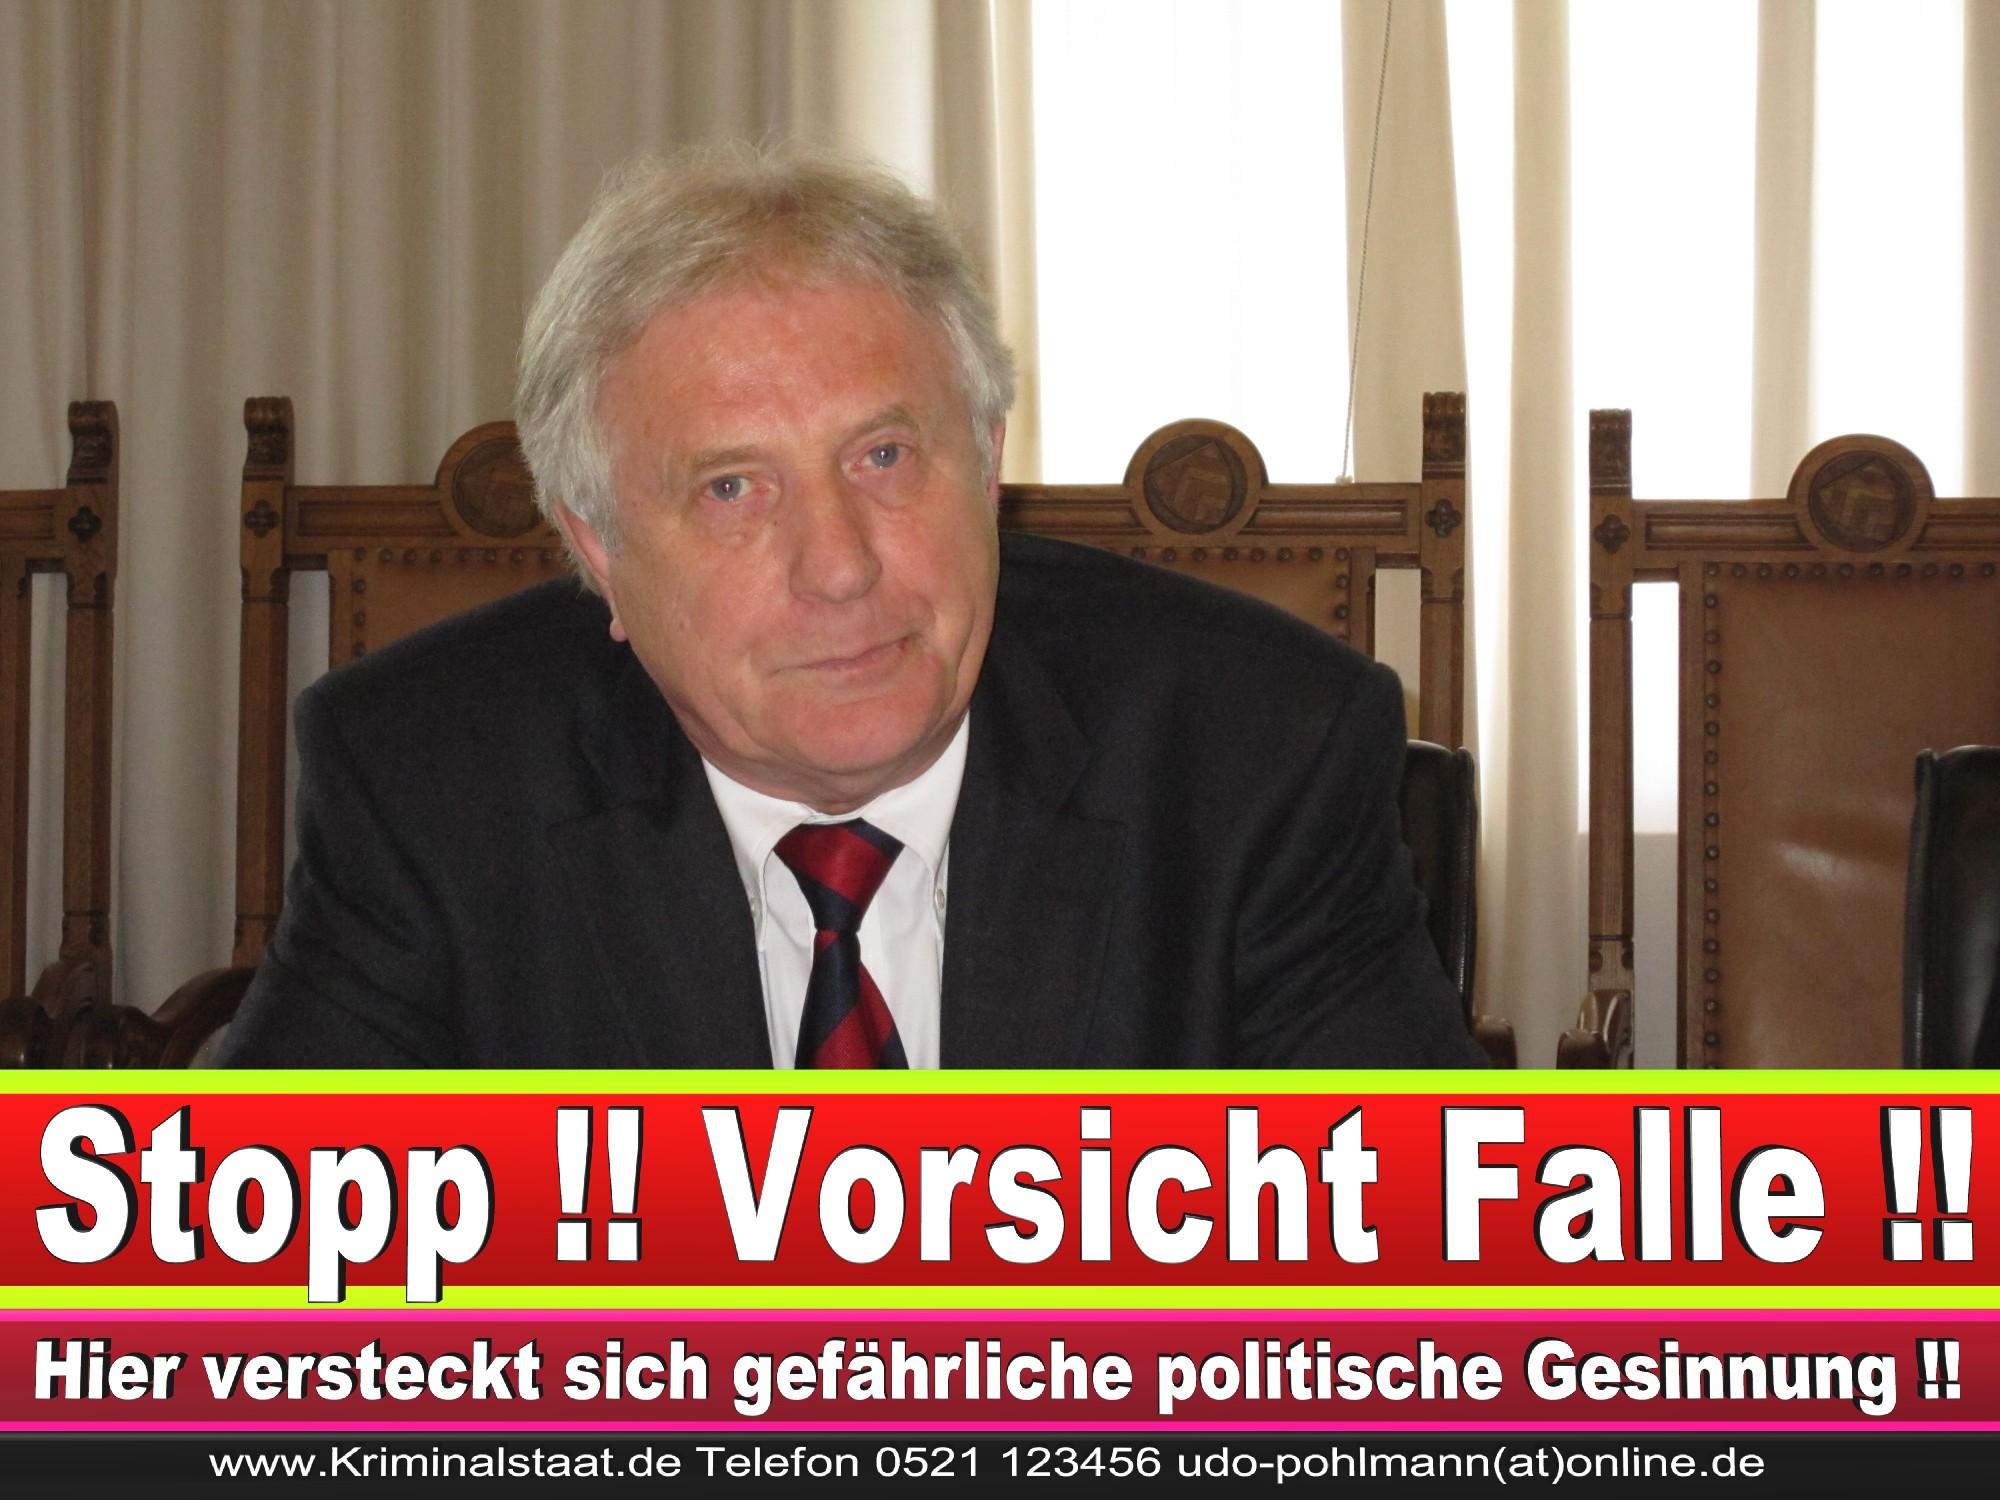 Polizeipräsident Erwin Südfeld Bielefeld Oberbürgermeister Bürgermeister Peter Clausen Pit Clausen Bielefeld (35)